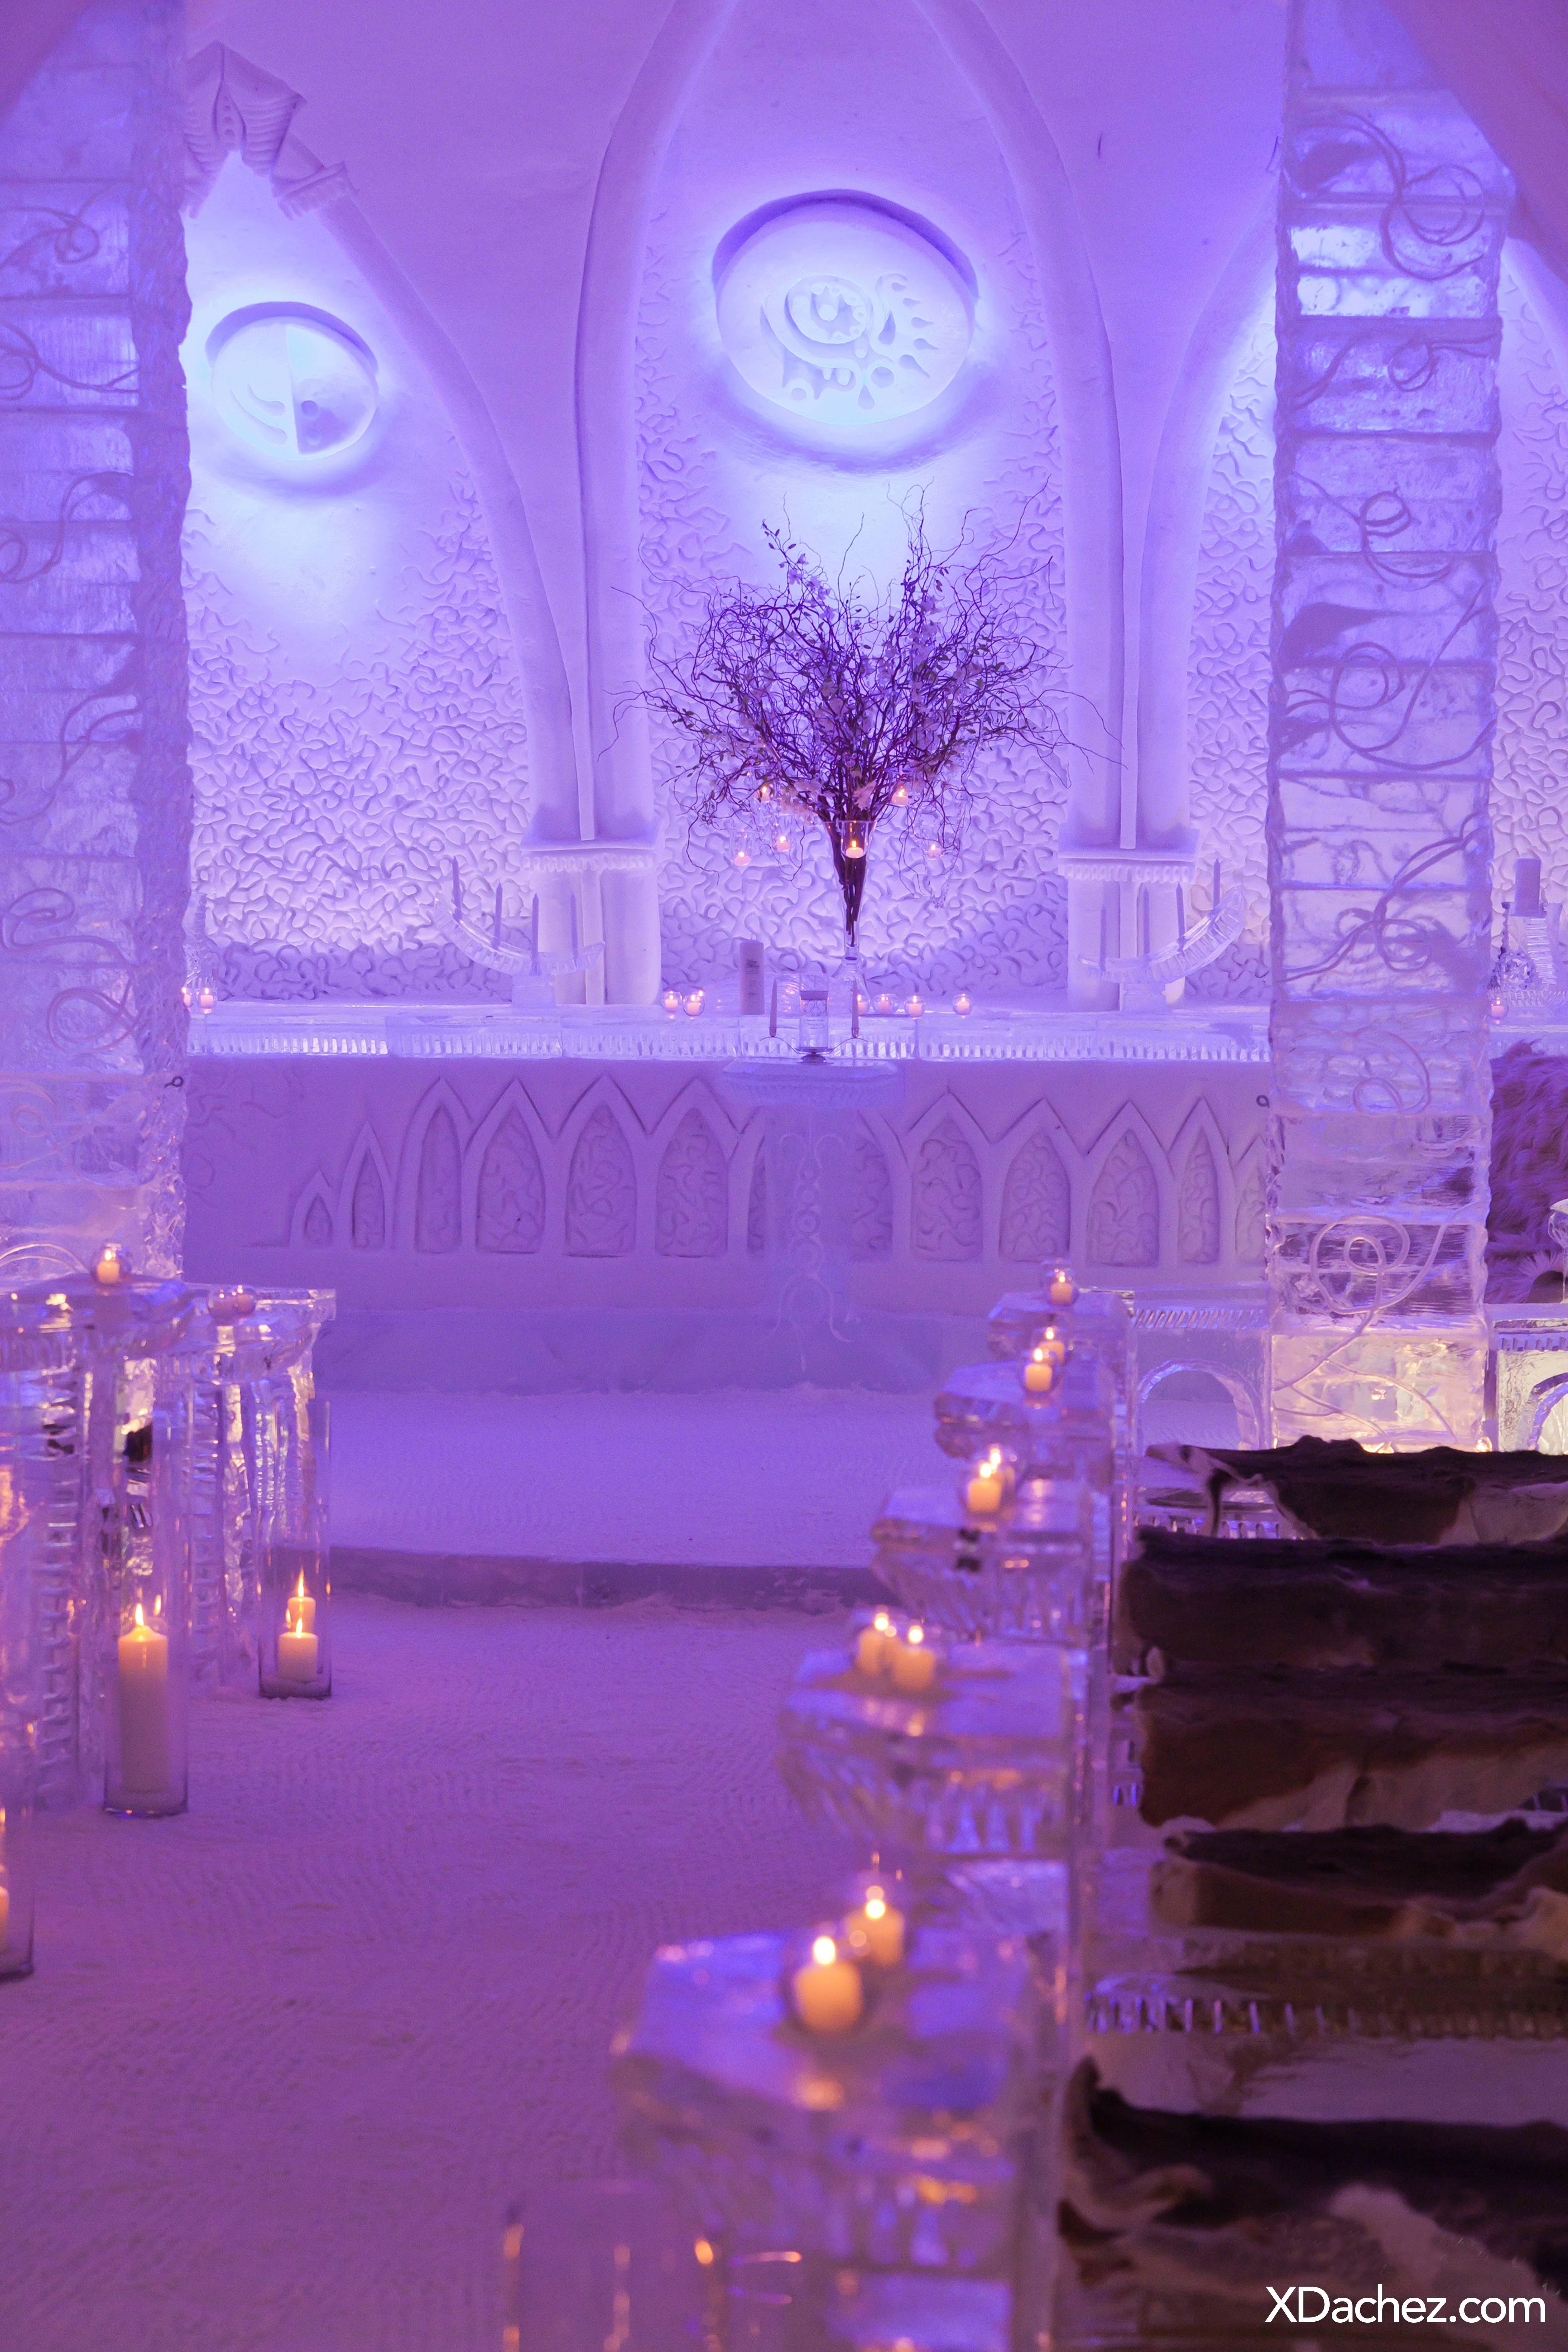 Quebec S Ice Hotel Wedding Chapel Xdachez